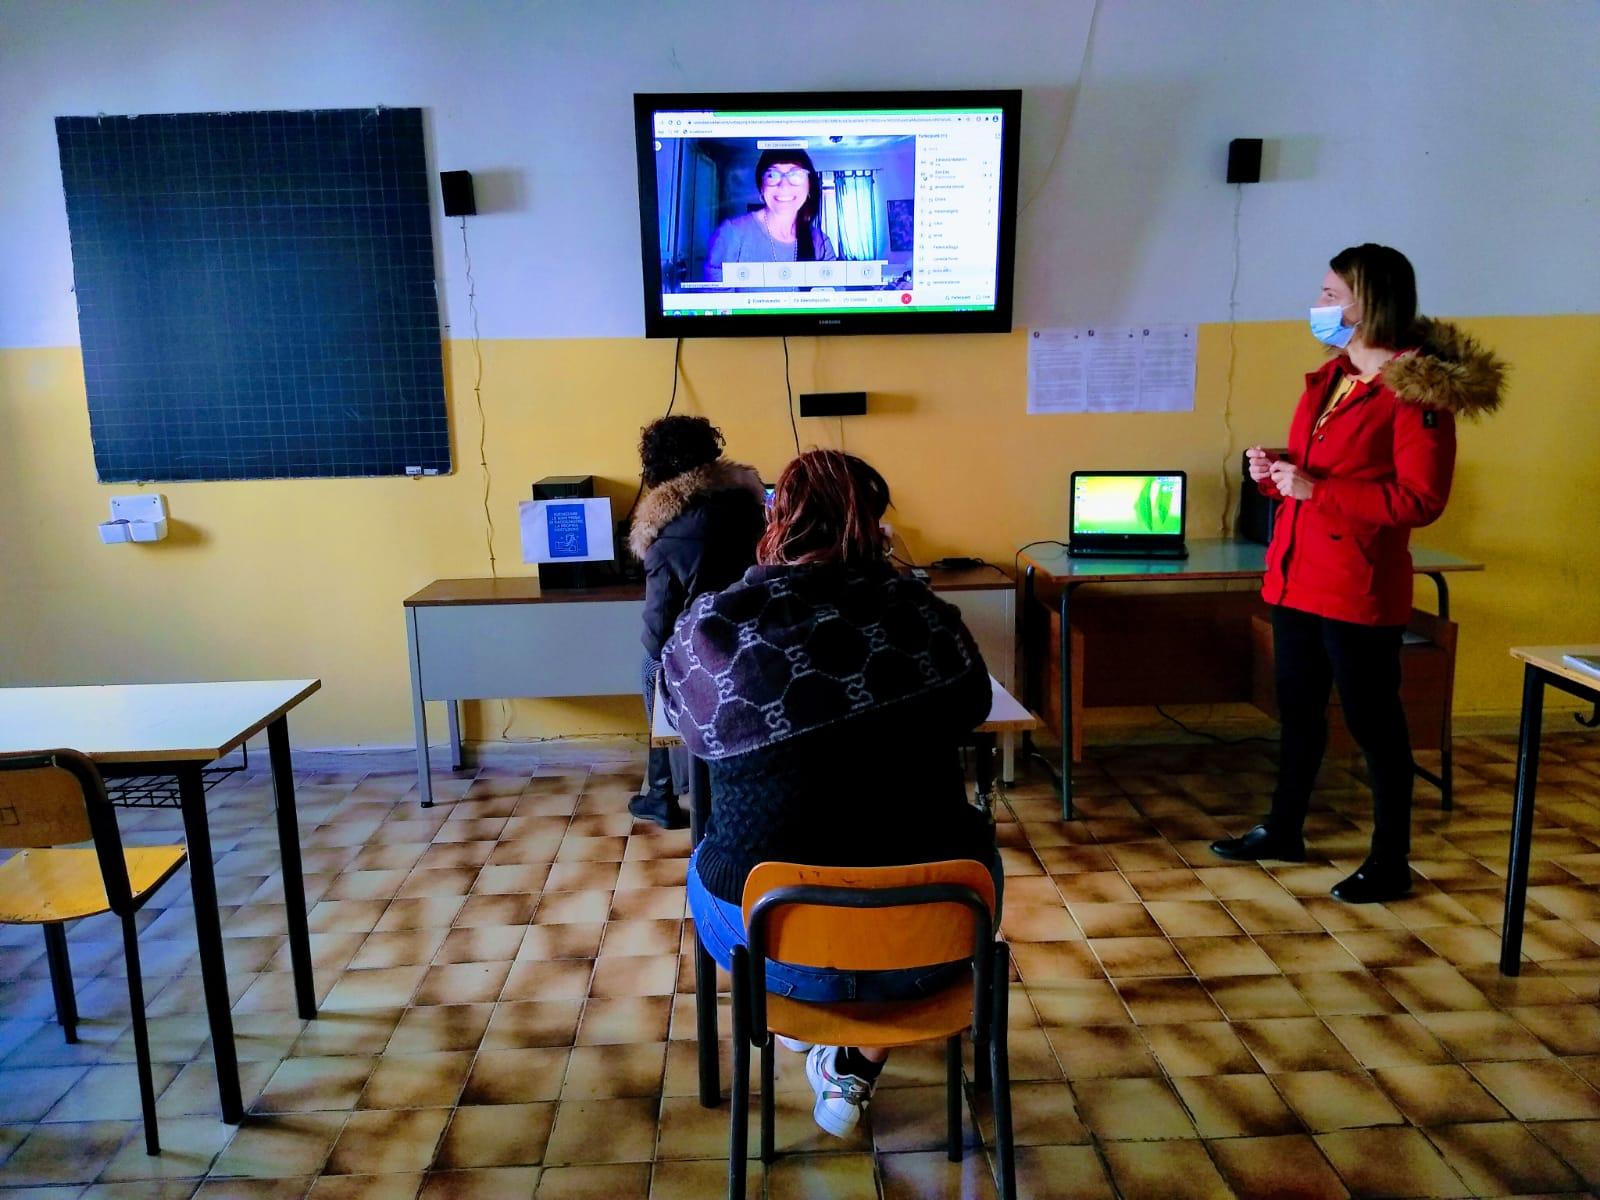 studenti-in-aula-con-monitor-insegnante